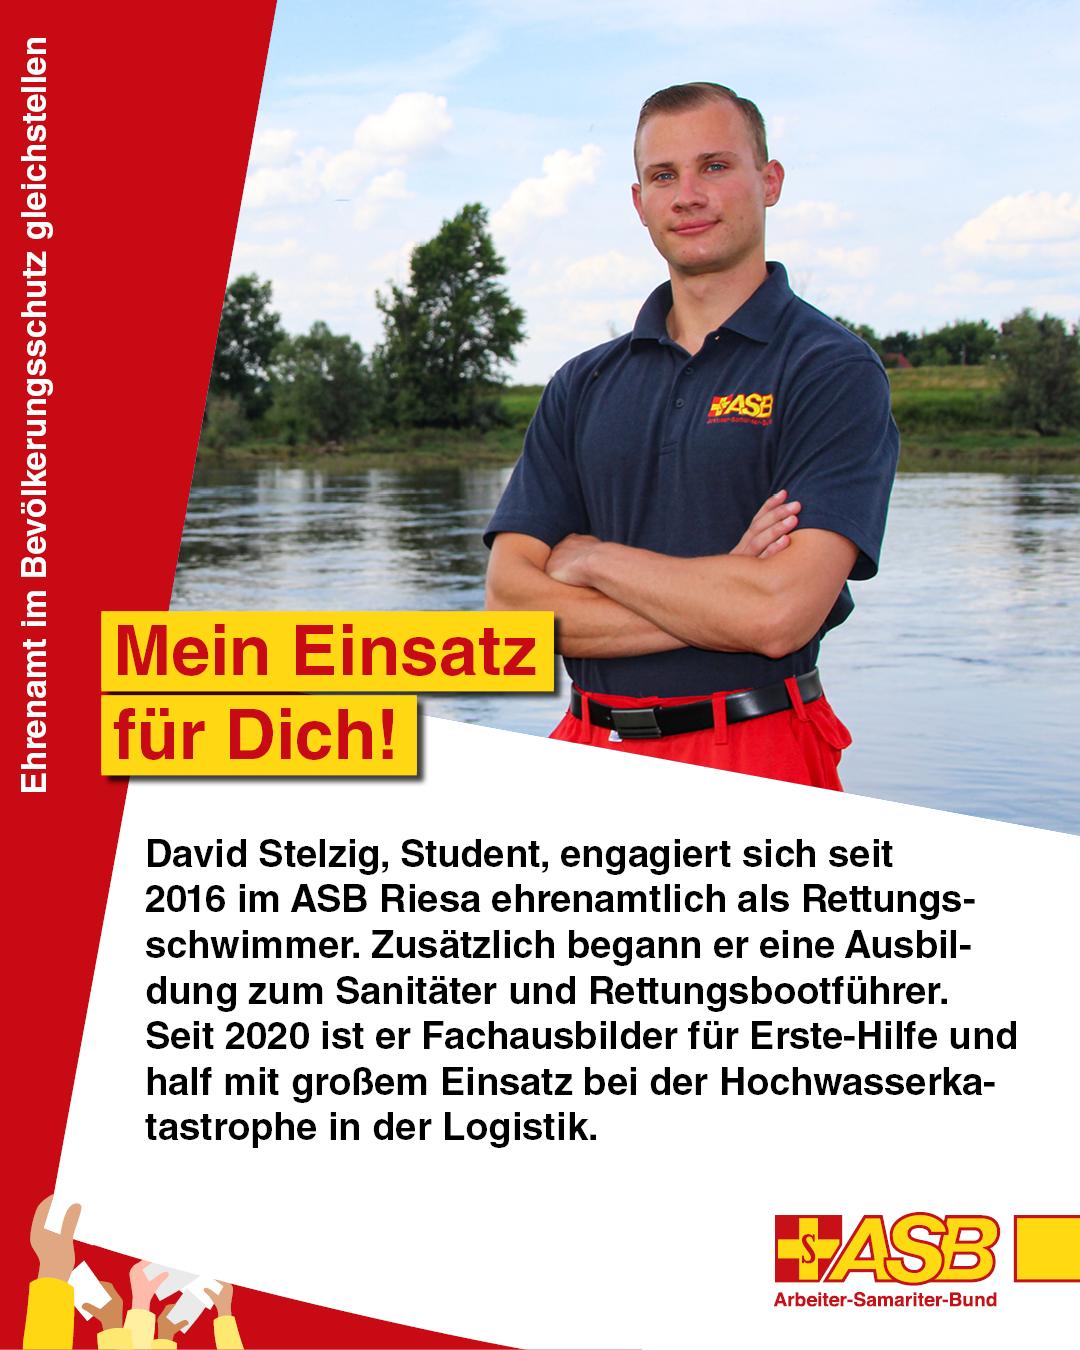 ASB-Forderungen-FB-IG_Ehrenamt-Sachsen.jpg